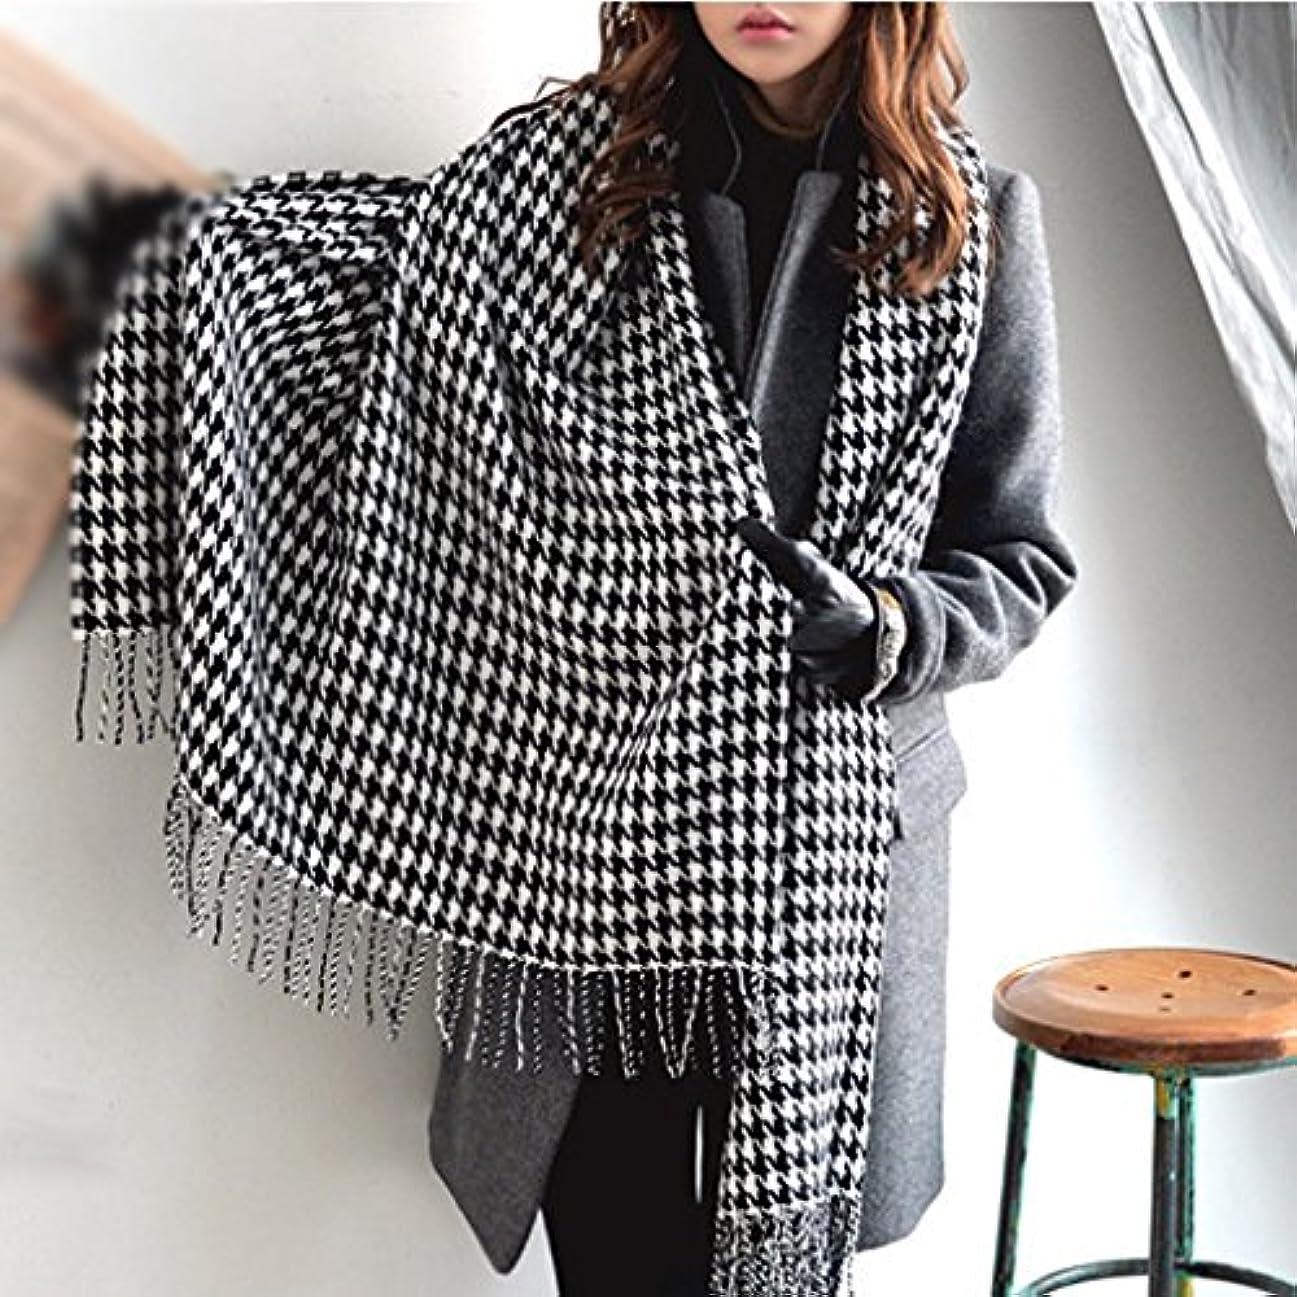 手当キリン私のGAODUZI 秋と冬Houndstoothスカーフ毛布ショールクラシック黒と白のチェック柄のヘアスカーフ